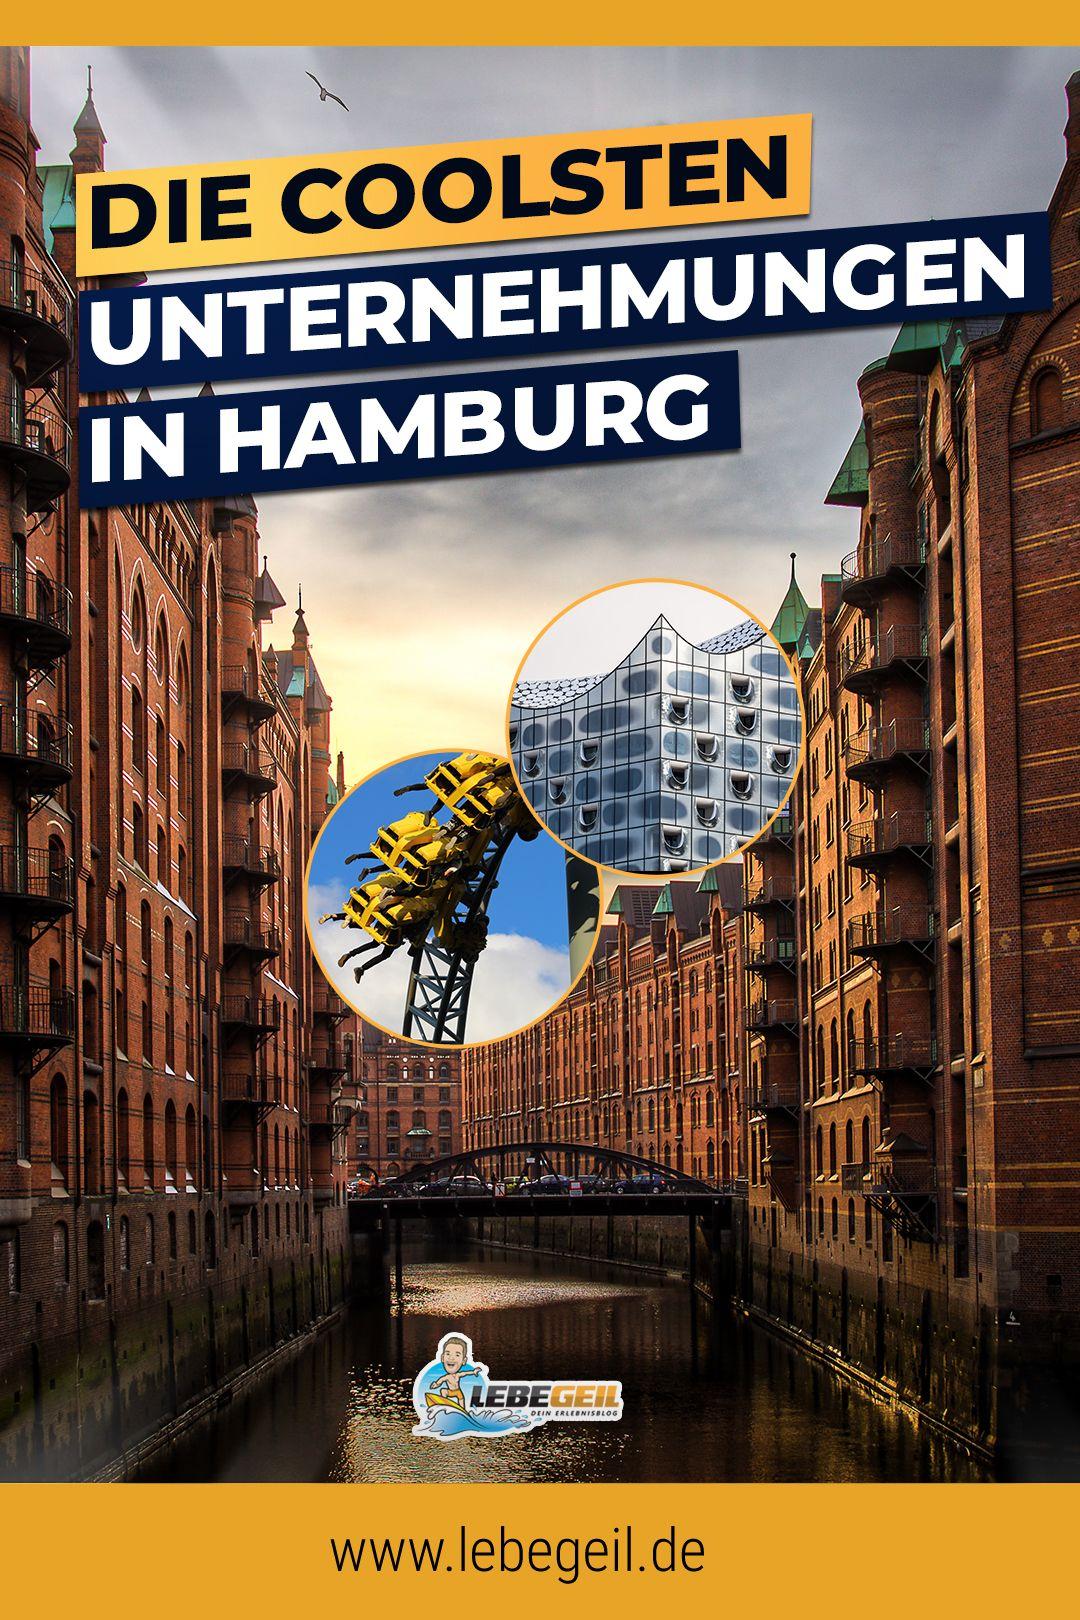 Die 25 Coolsten Aktivitaten Und Unternehmungen In Hamburg Hamburg Aktivitaten Hamburg Hamburg Unternehmungen